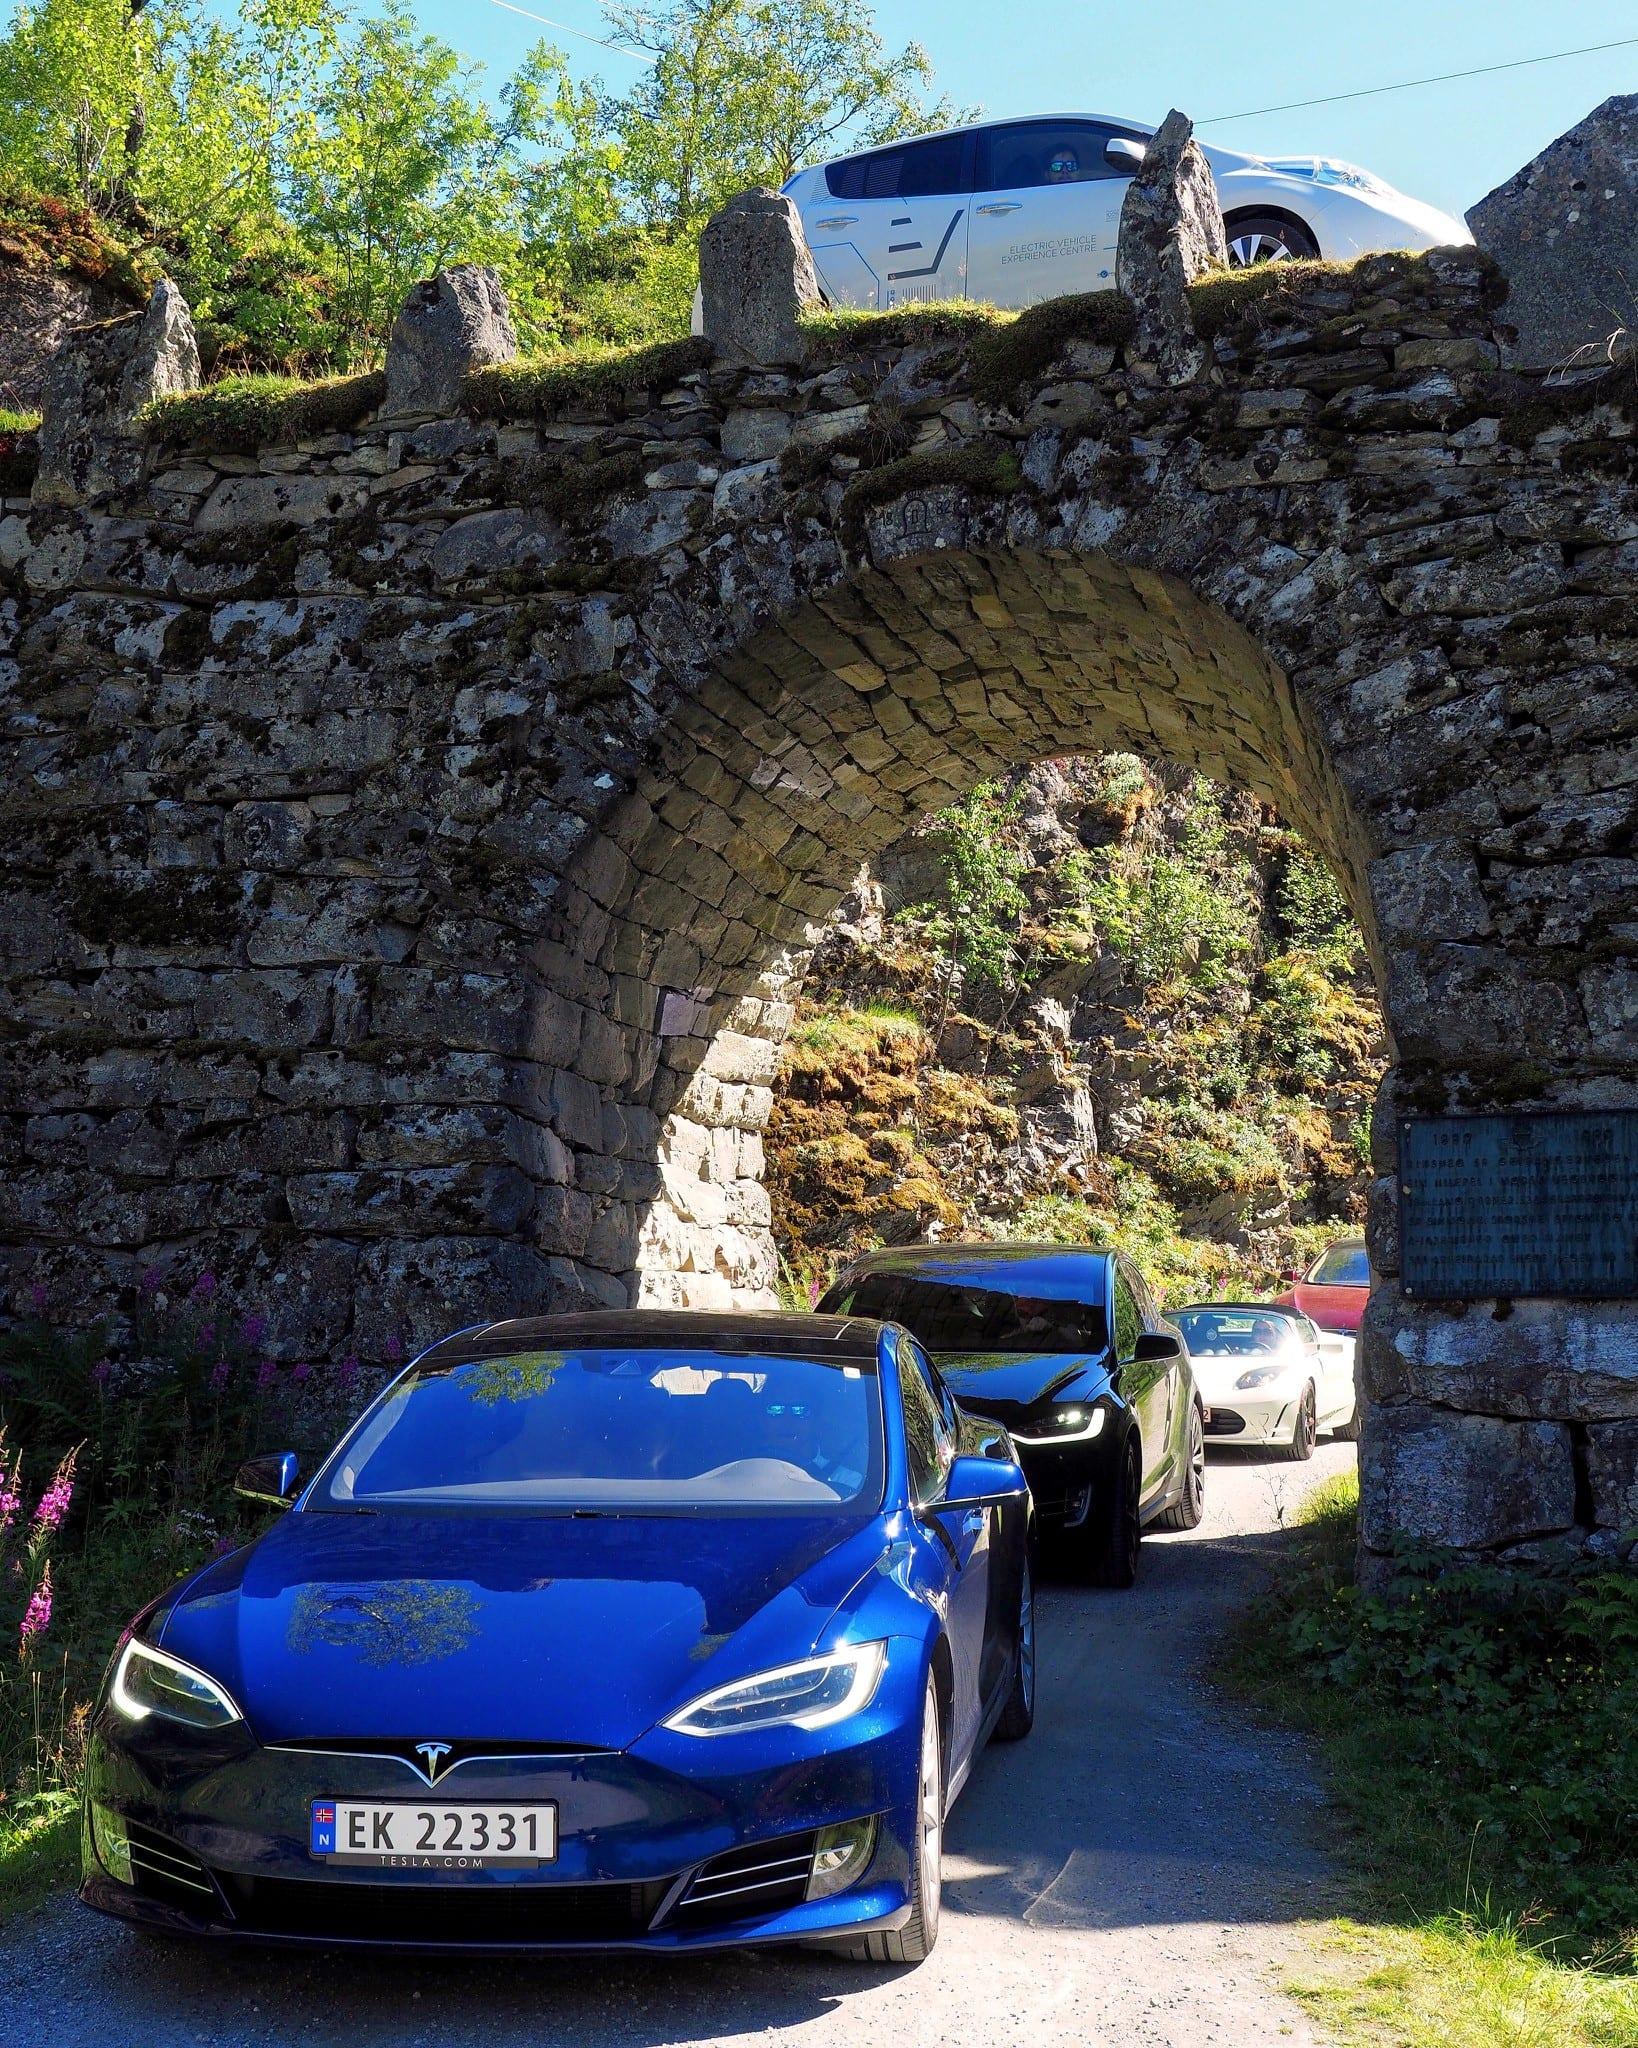 Norway bridge BMW Tesla Nissan summer challenges